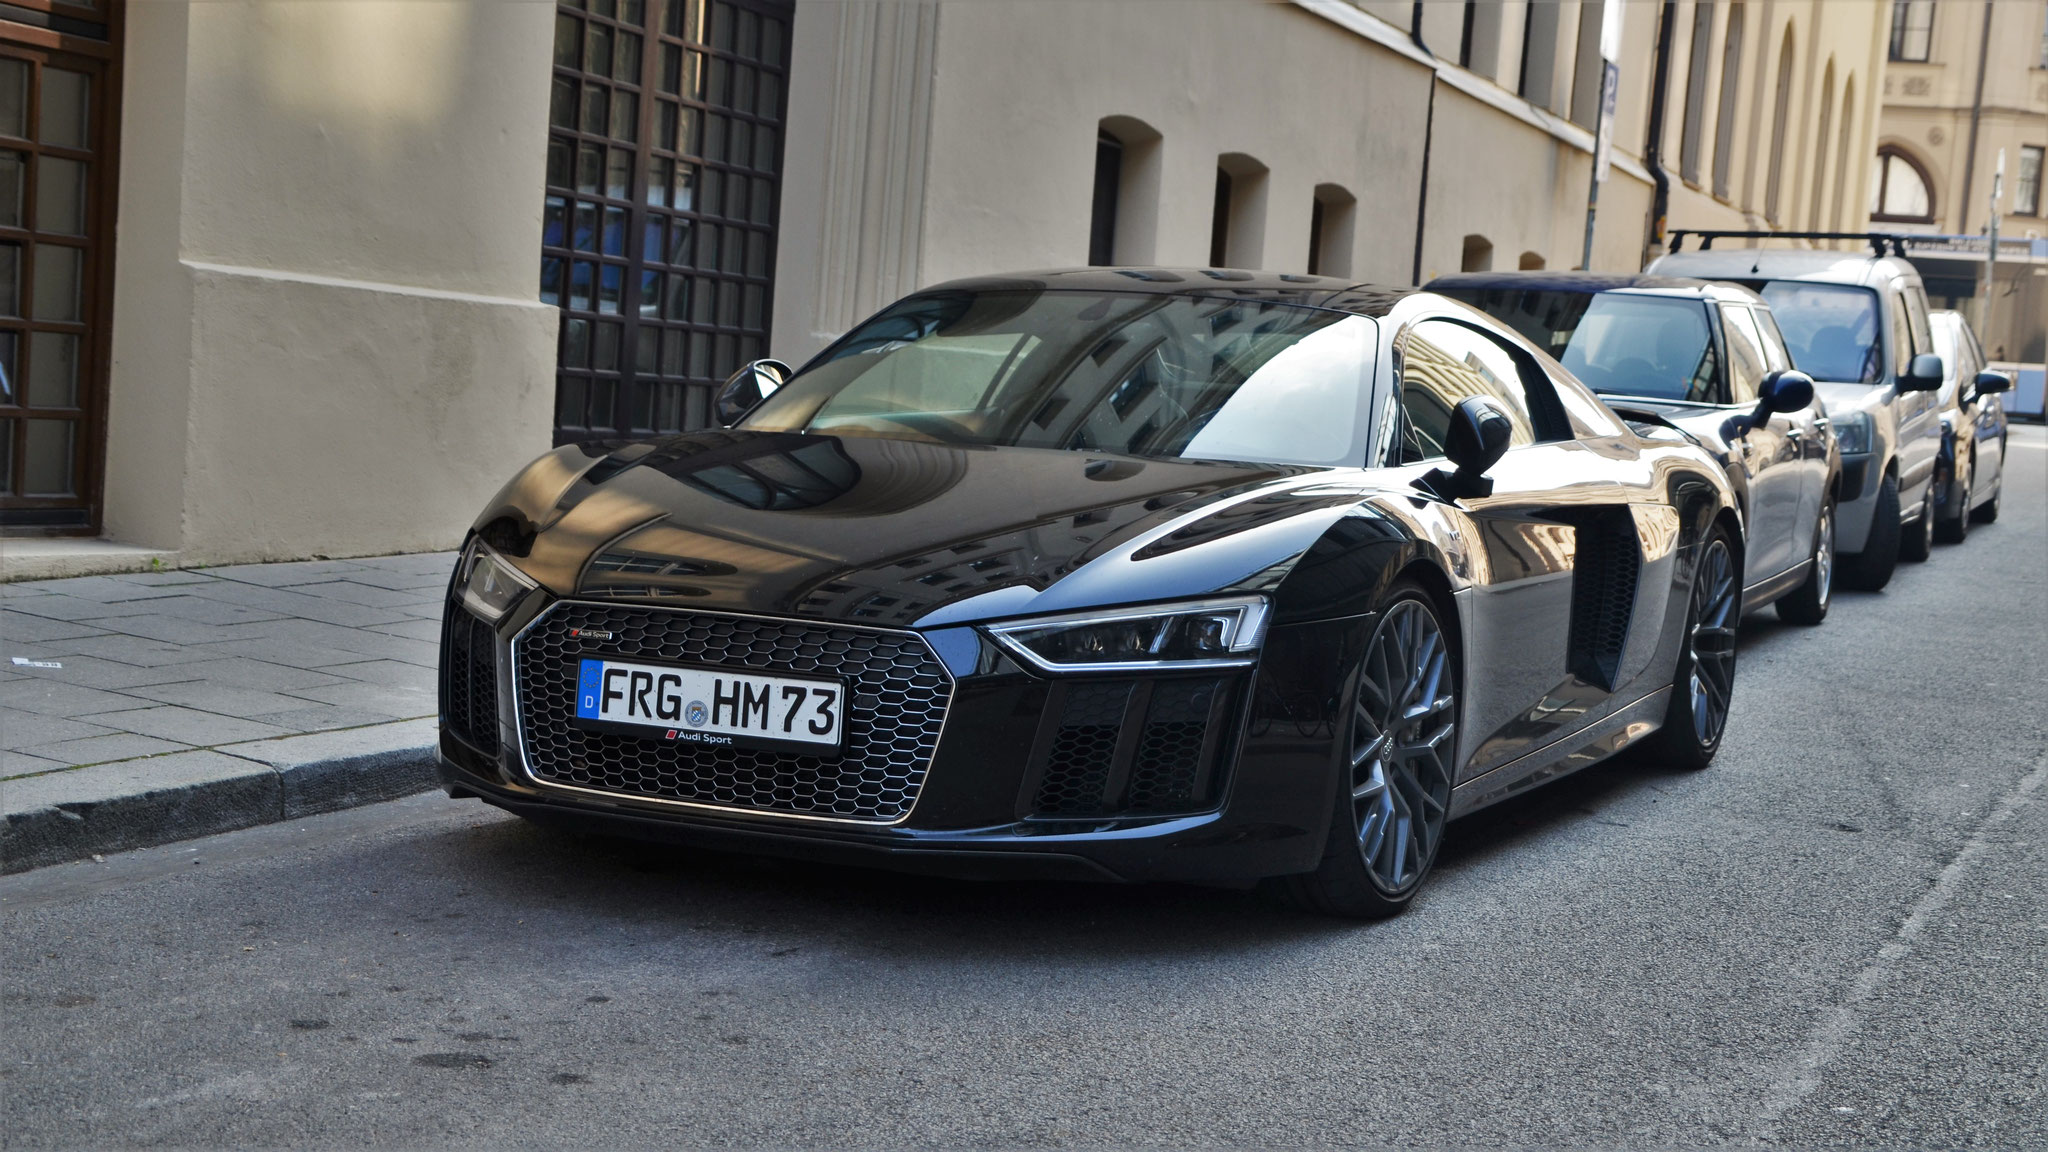 Audi R8 V10 - FRG-HM-73